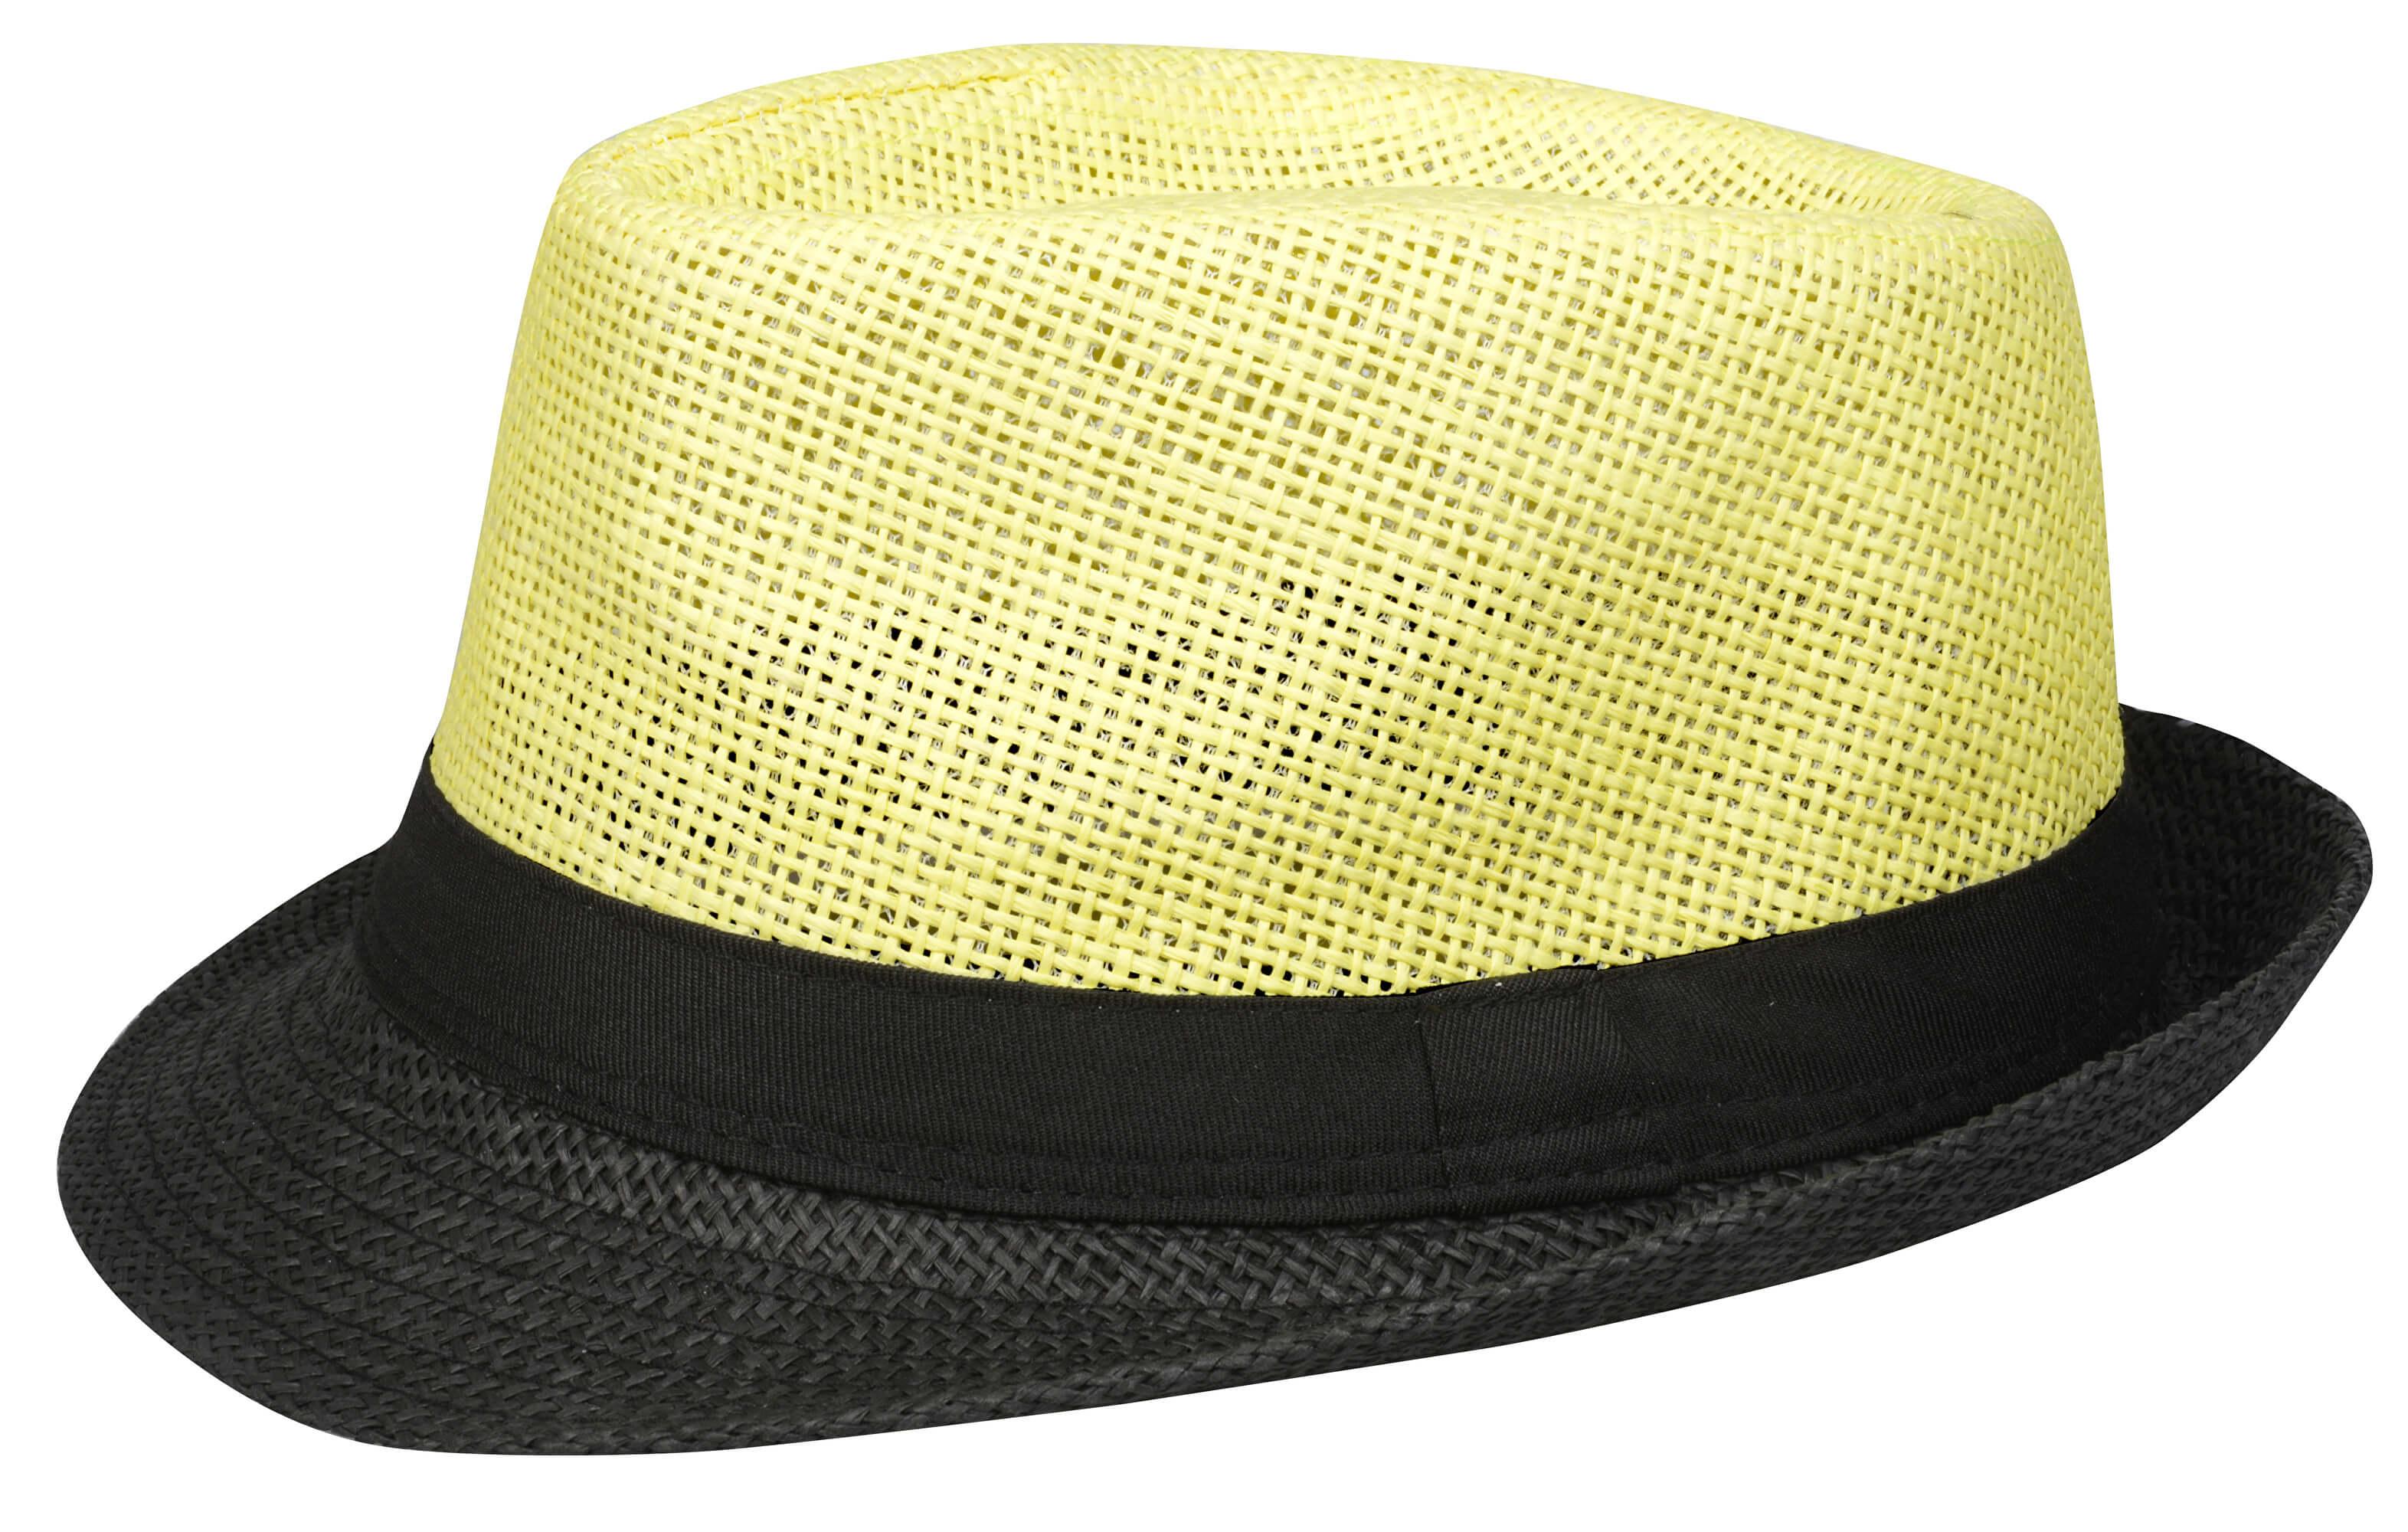 0e40582603a Art of Polo Letní klobouk dvoubarevný - zelenožlutý cz15160.7 ...